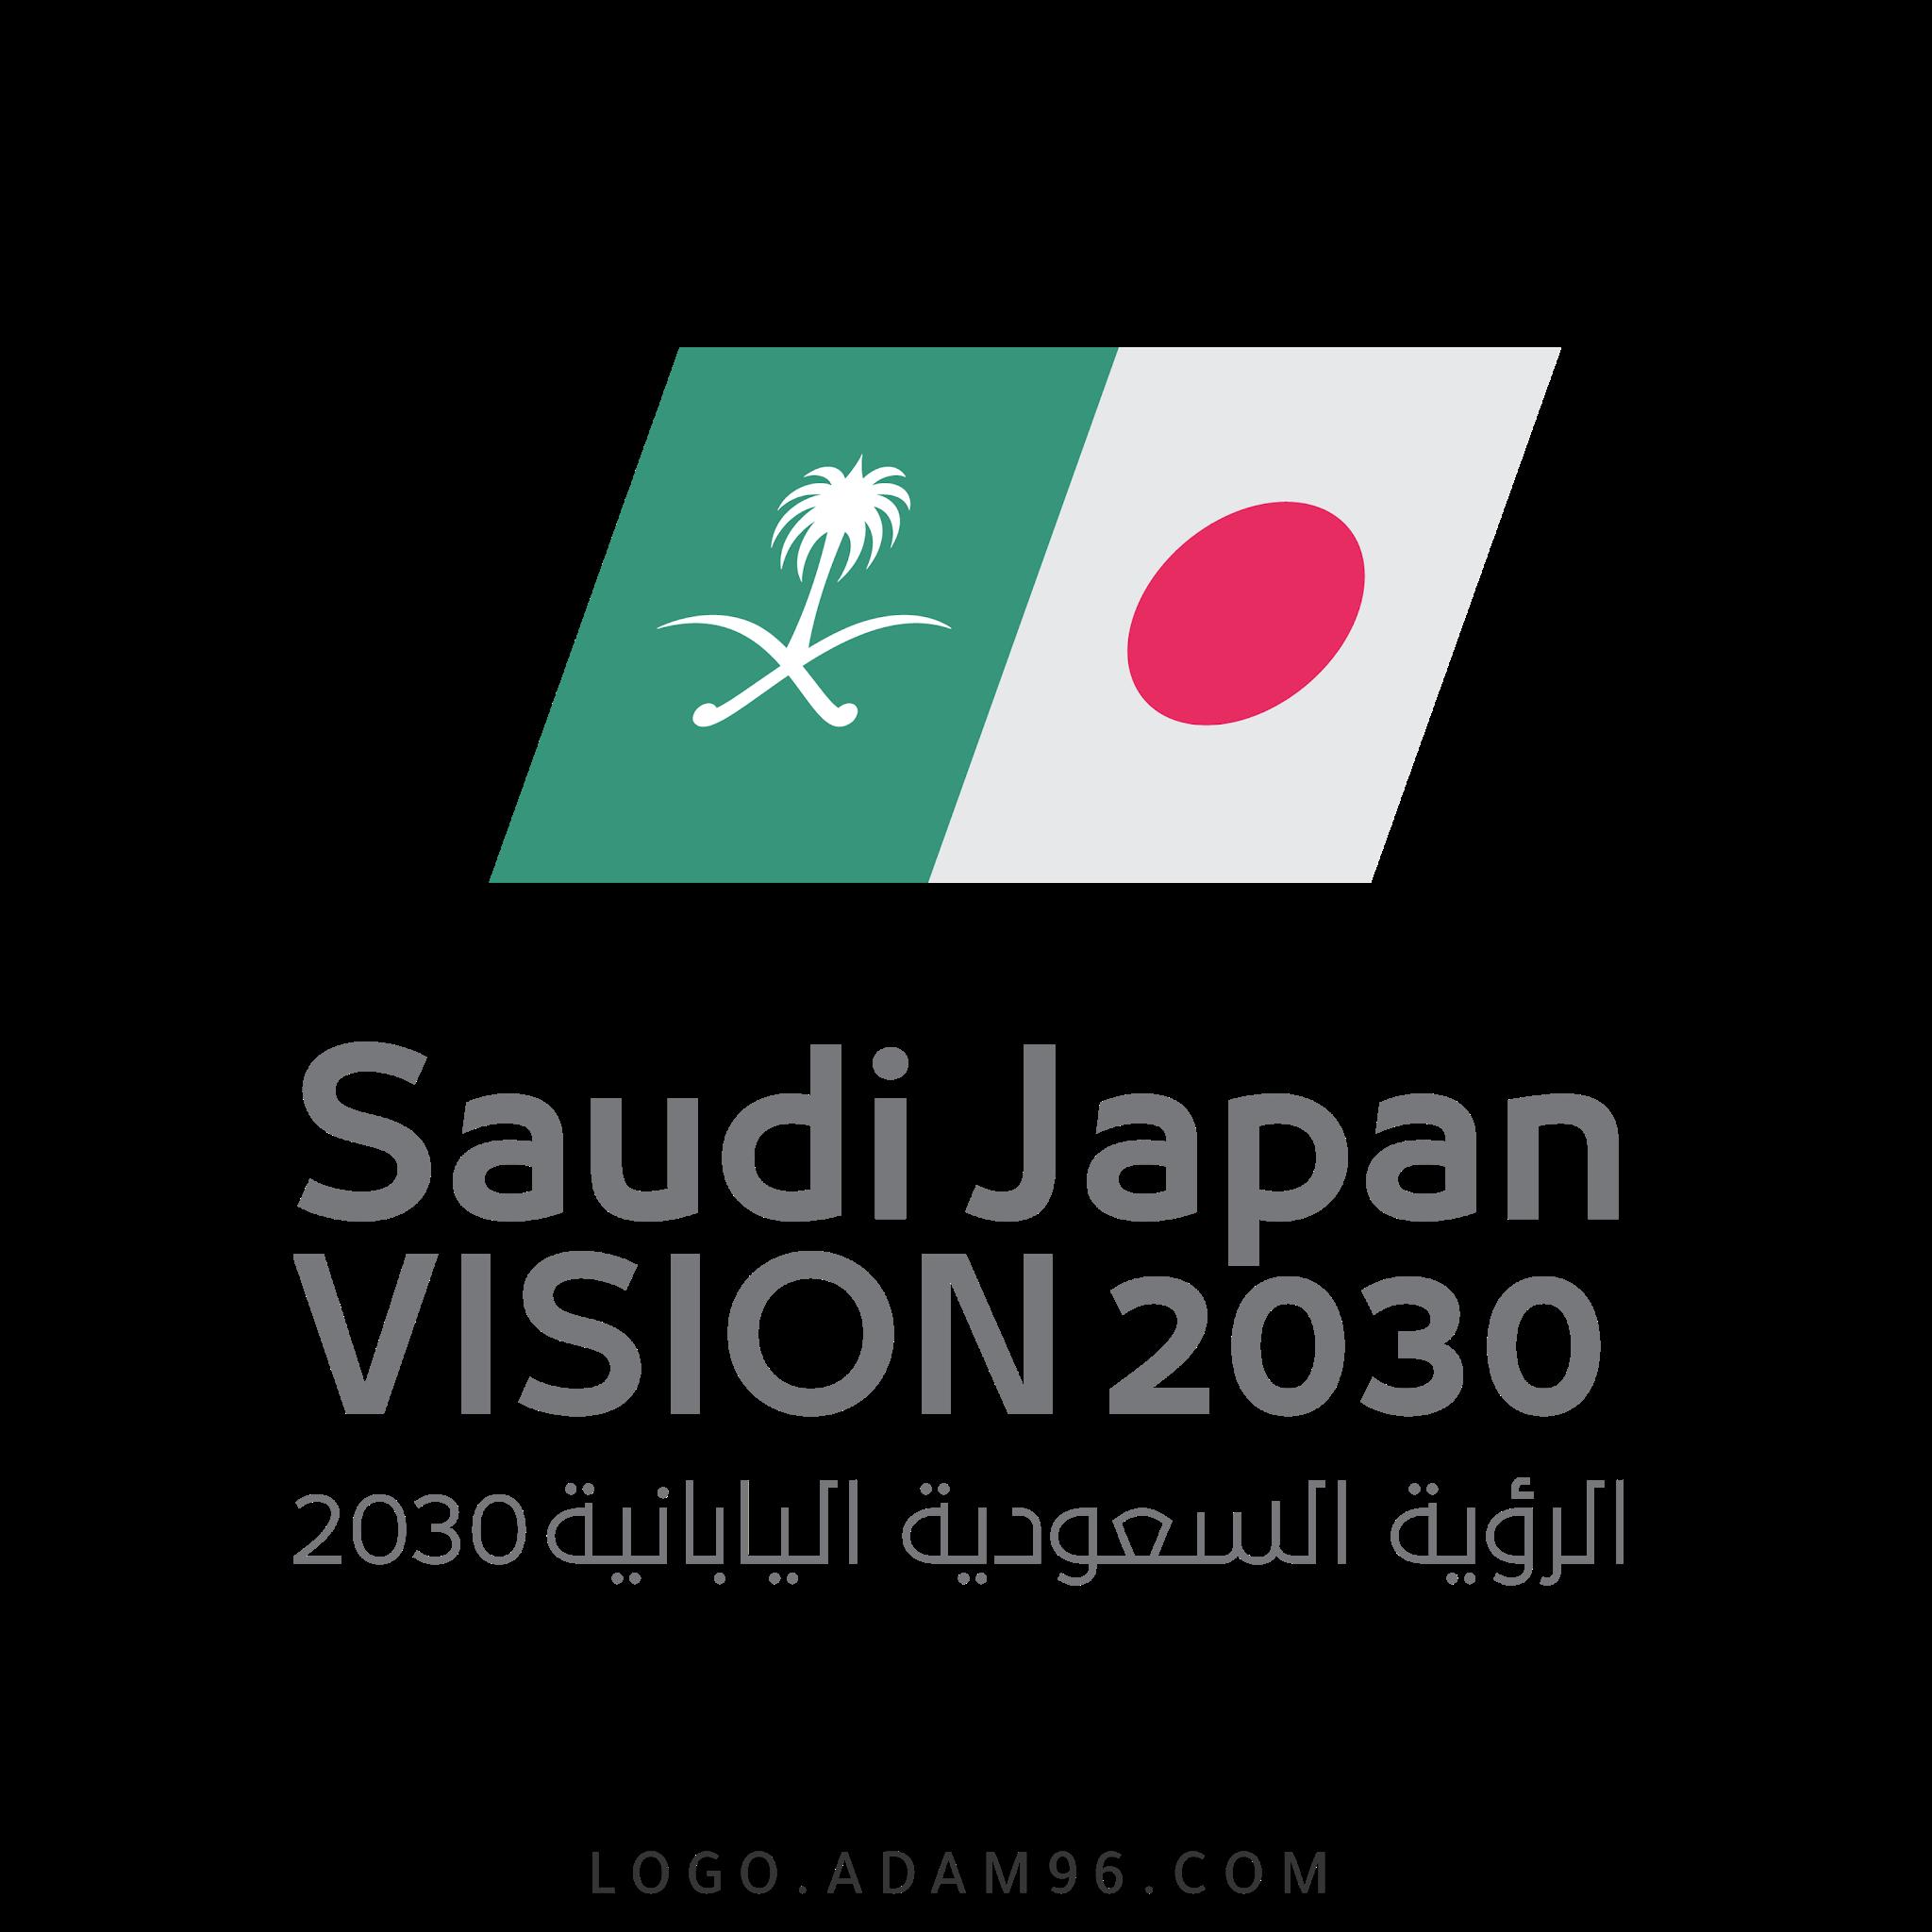 تحميل شعار الرؤية السعودية اليابانية 2030 لوجو رسمي عالي الجودة PNG